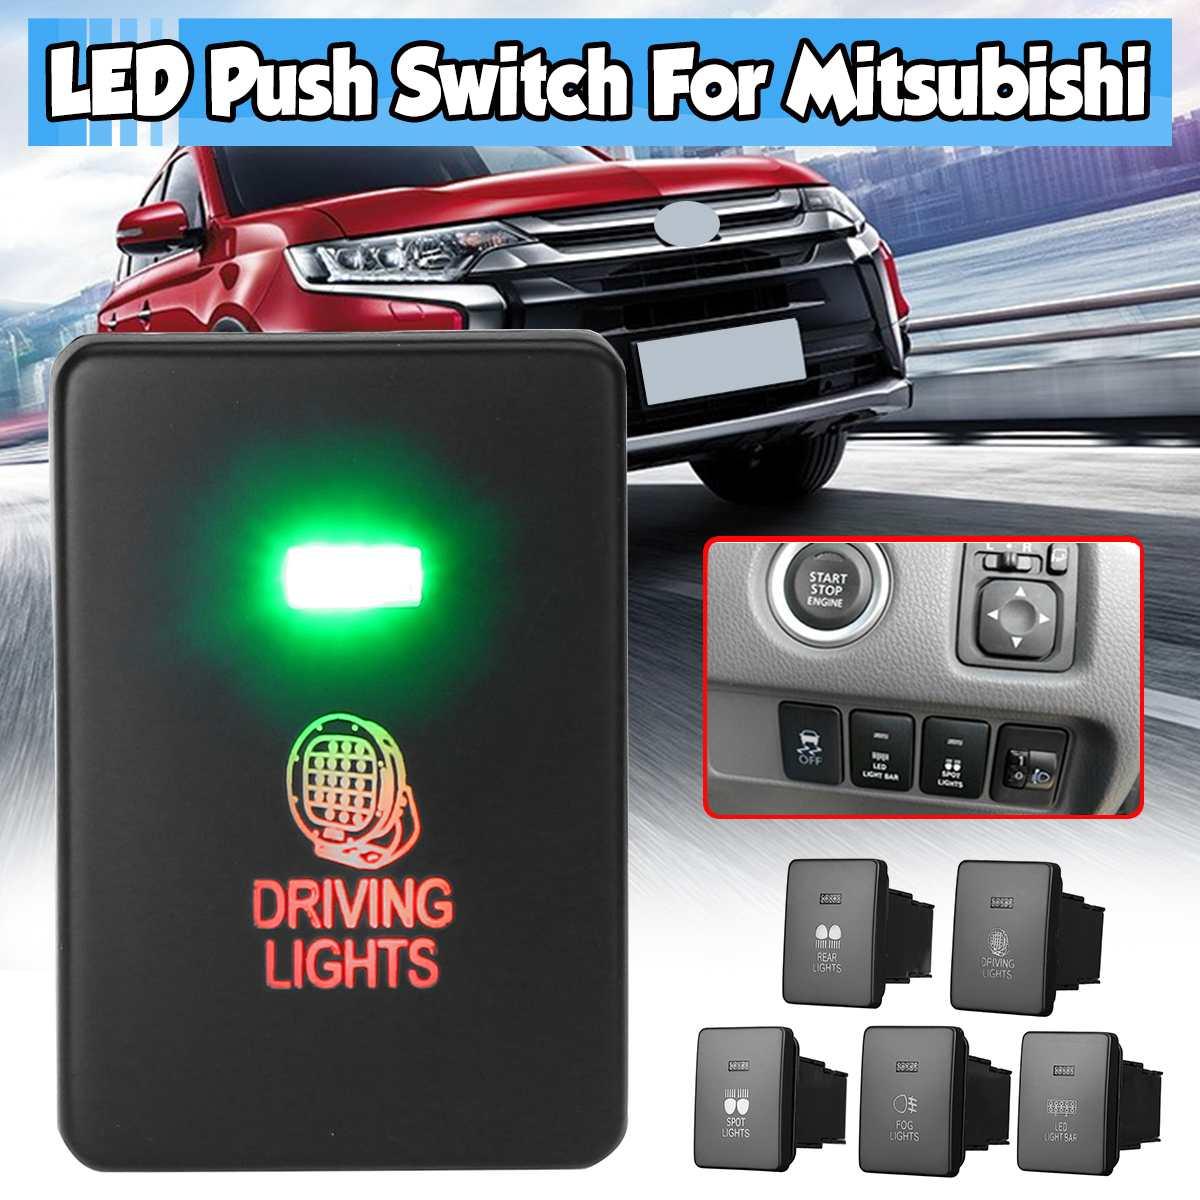 Автомобисветильник фара 12 В, кнопка, противотуманная фасветильник дальнего света, светодиодсветильник фара, переключатель для Mitsubishi Mirage LA ...